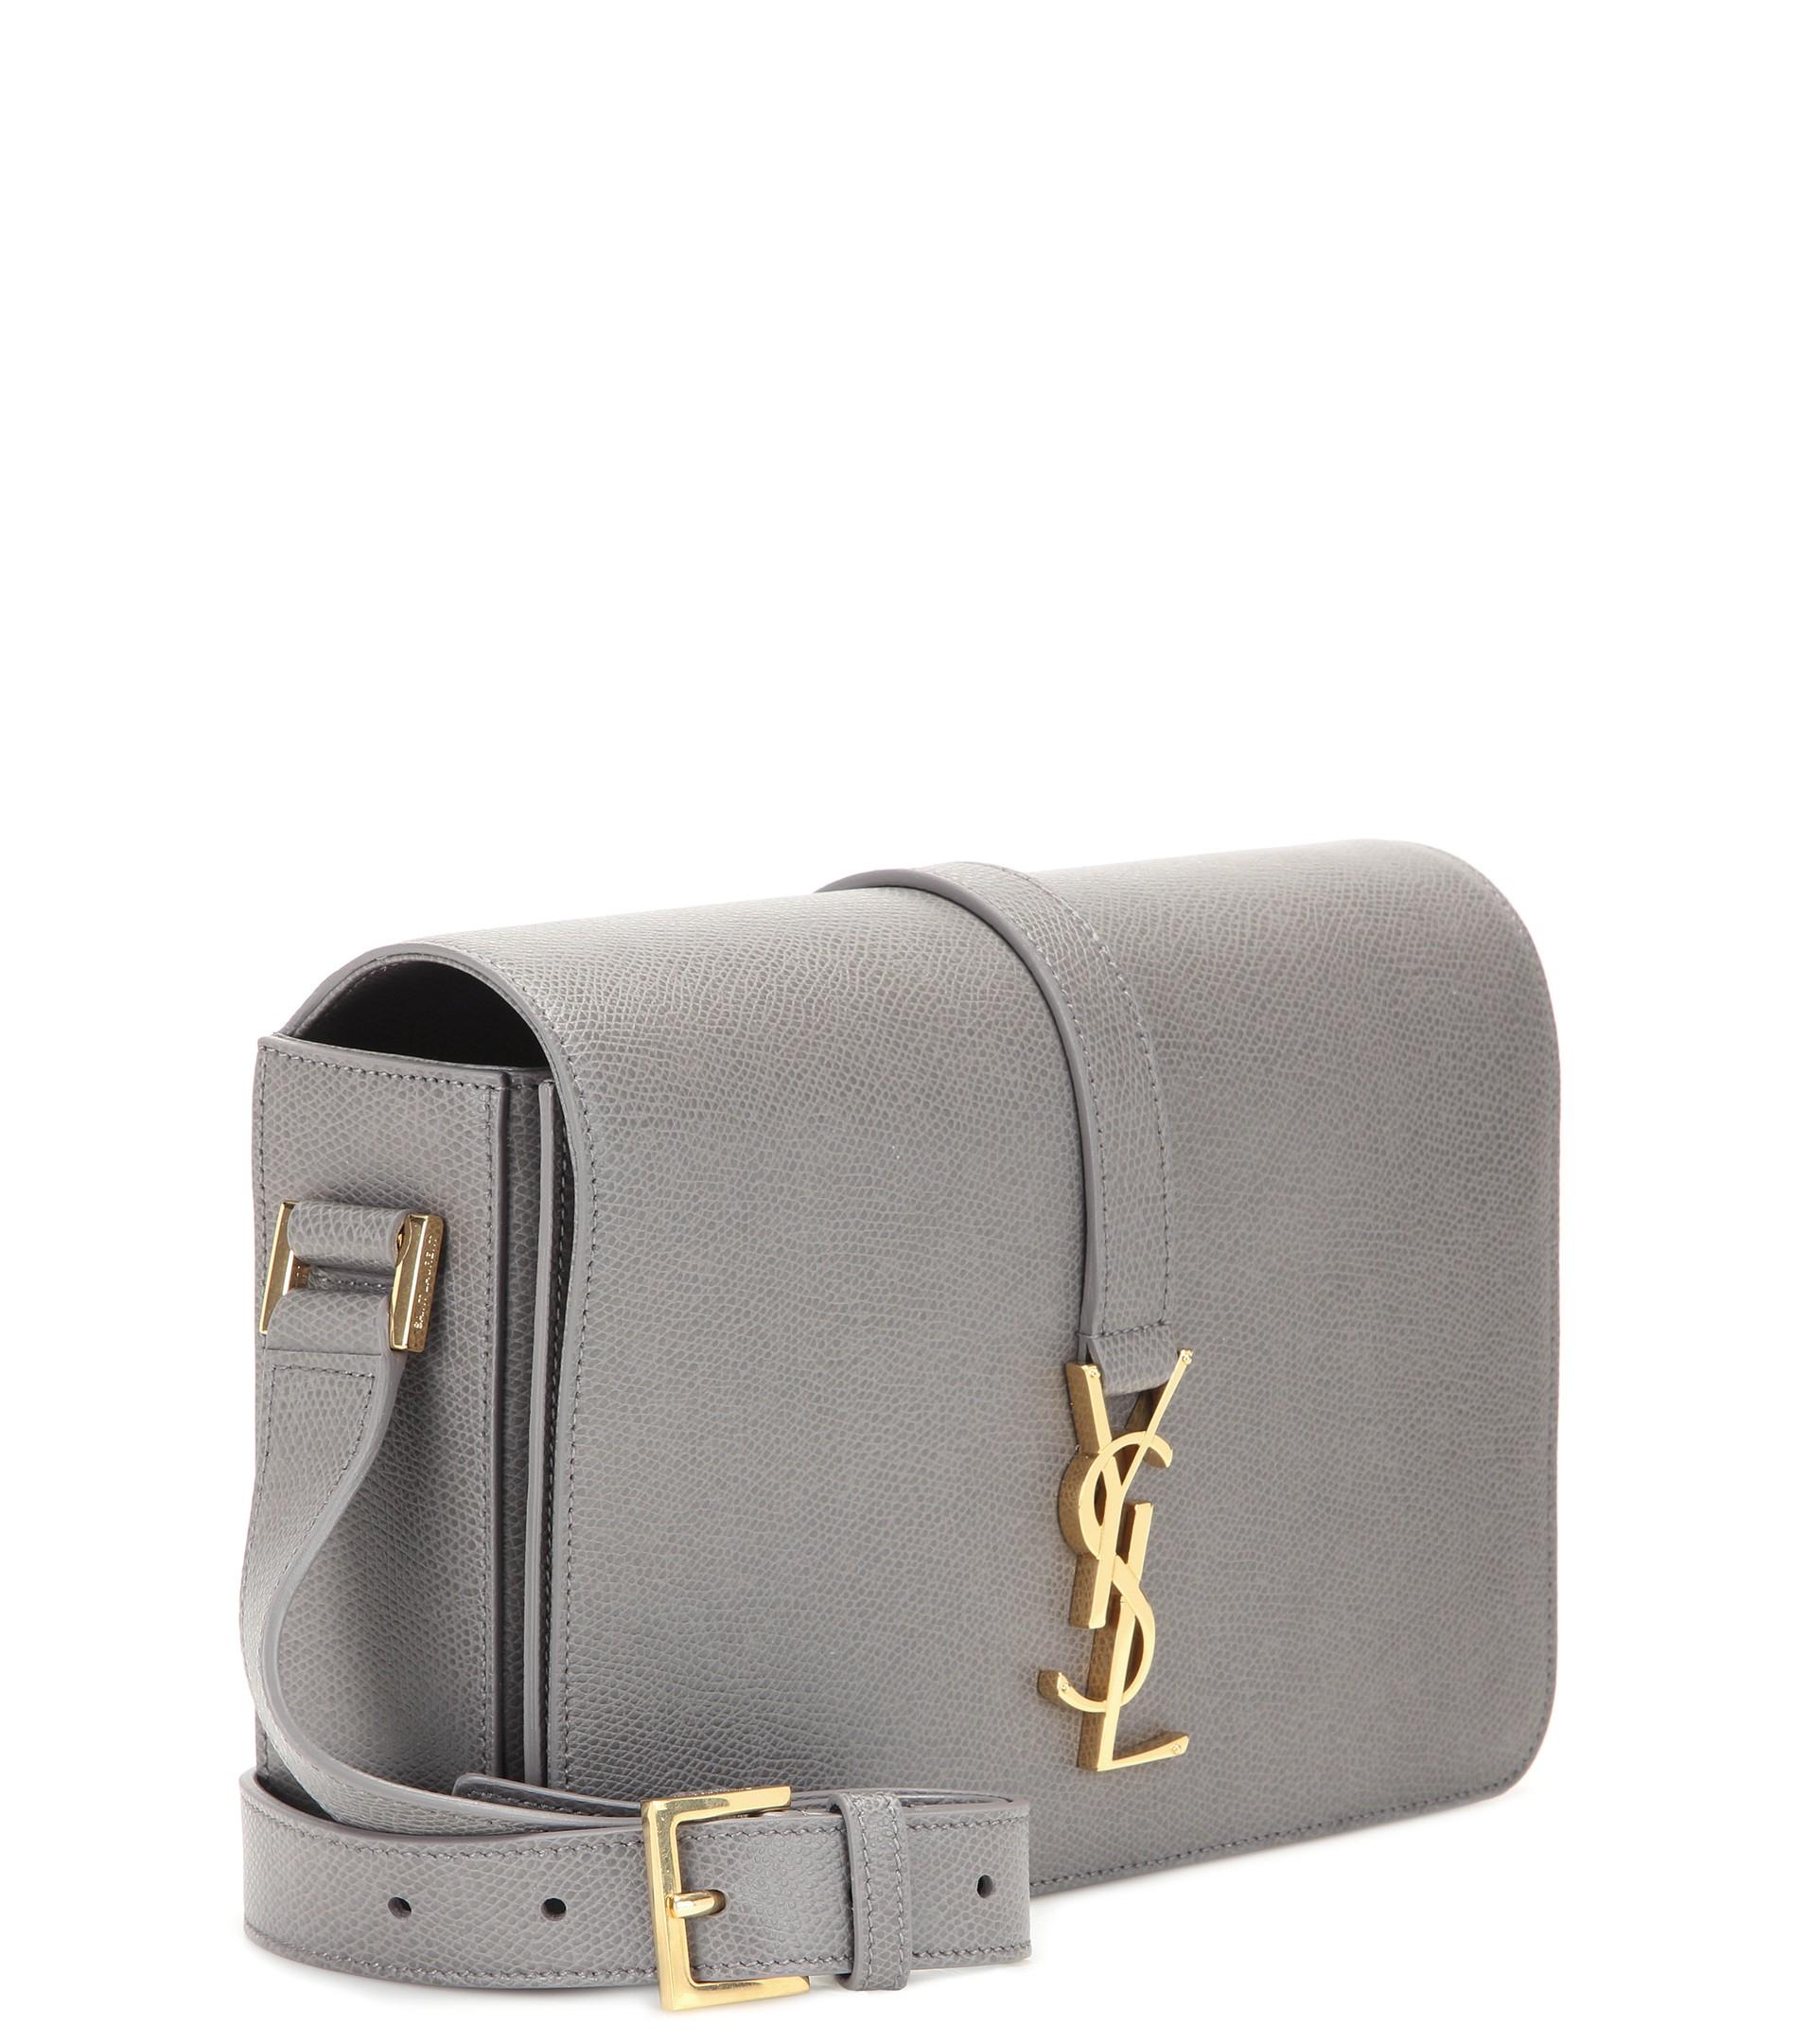 Lyst - Saint Laurent Monogram Université Medium Leather Bag in Gray 8128b3fb37739